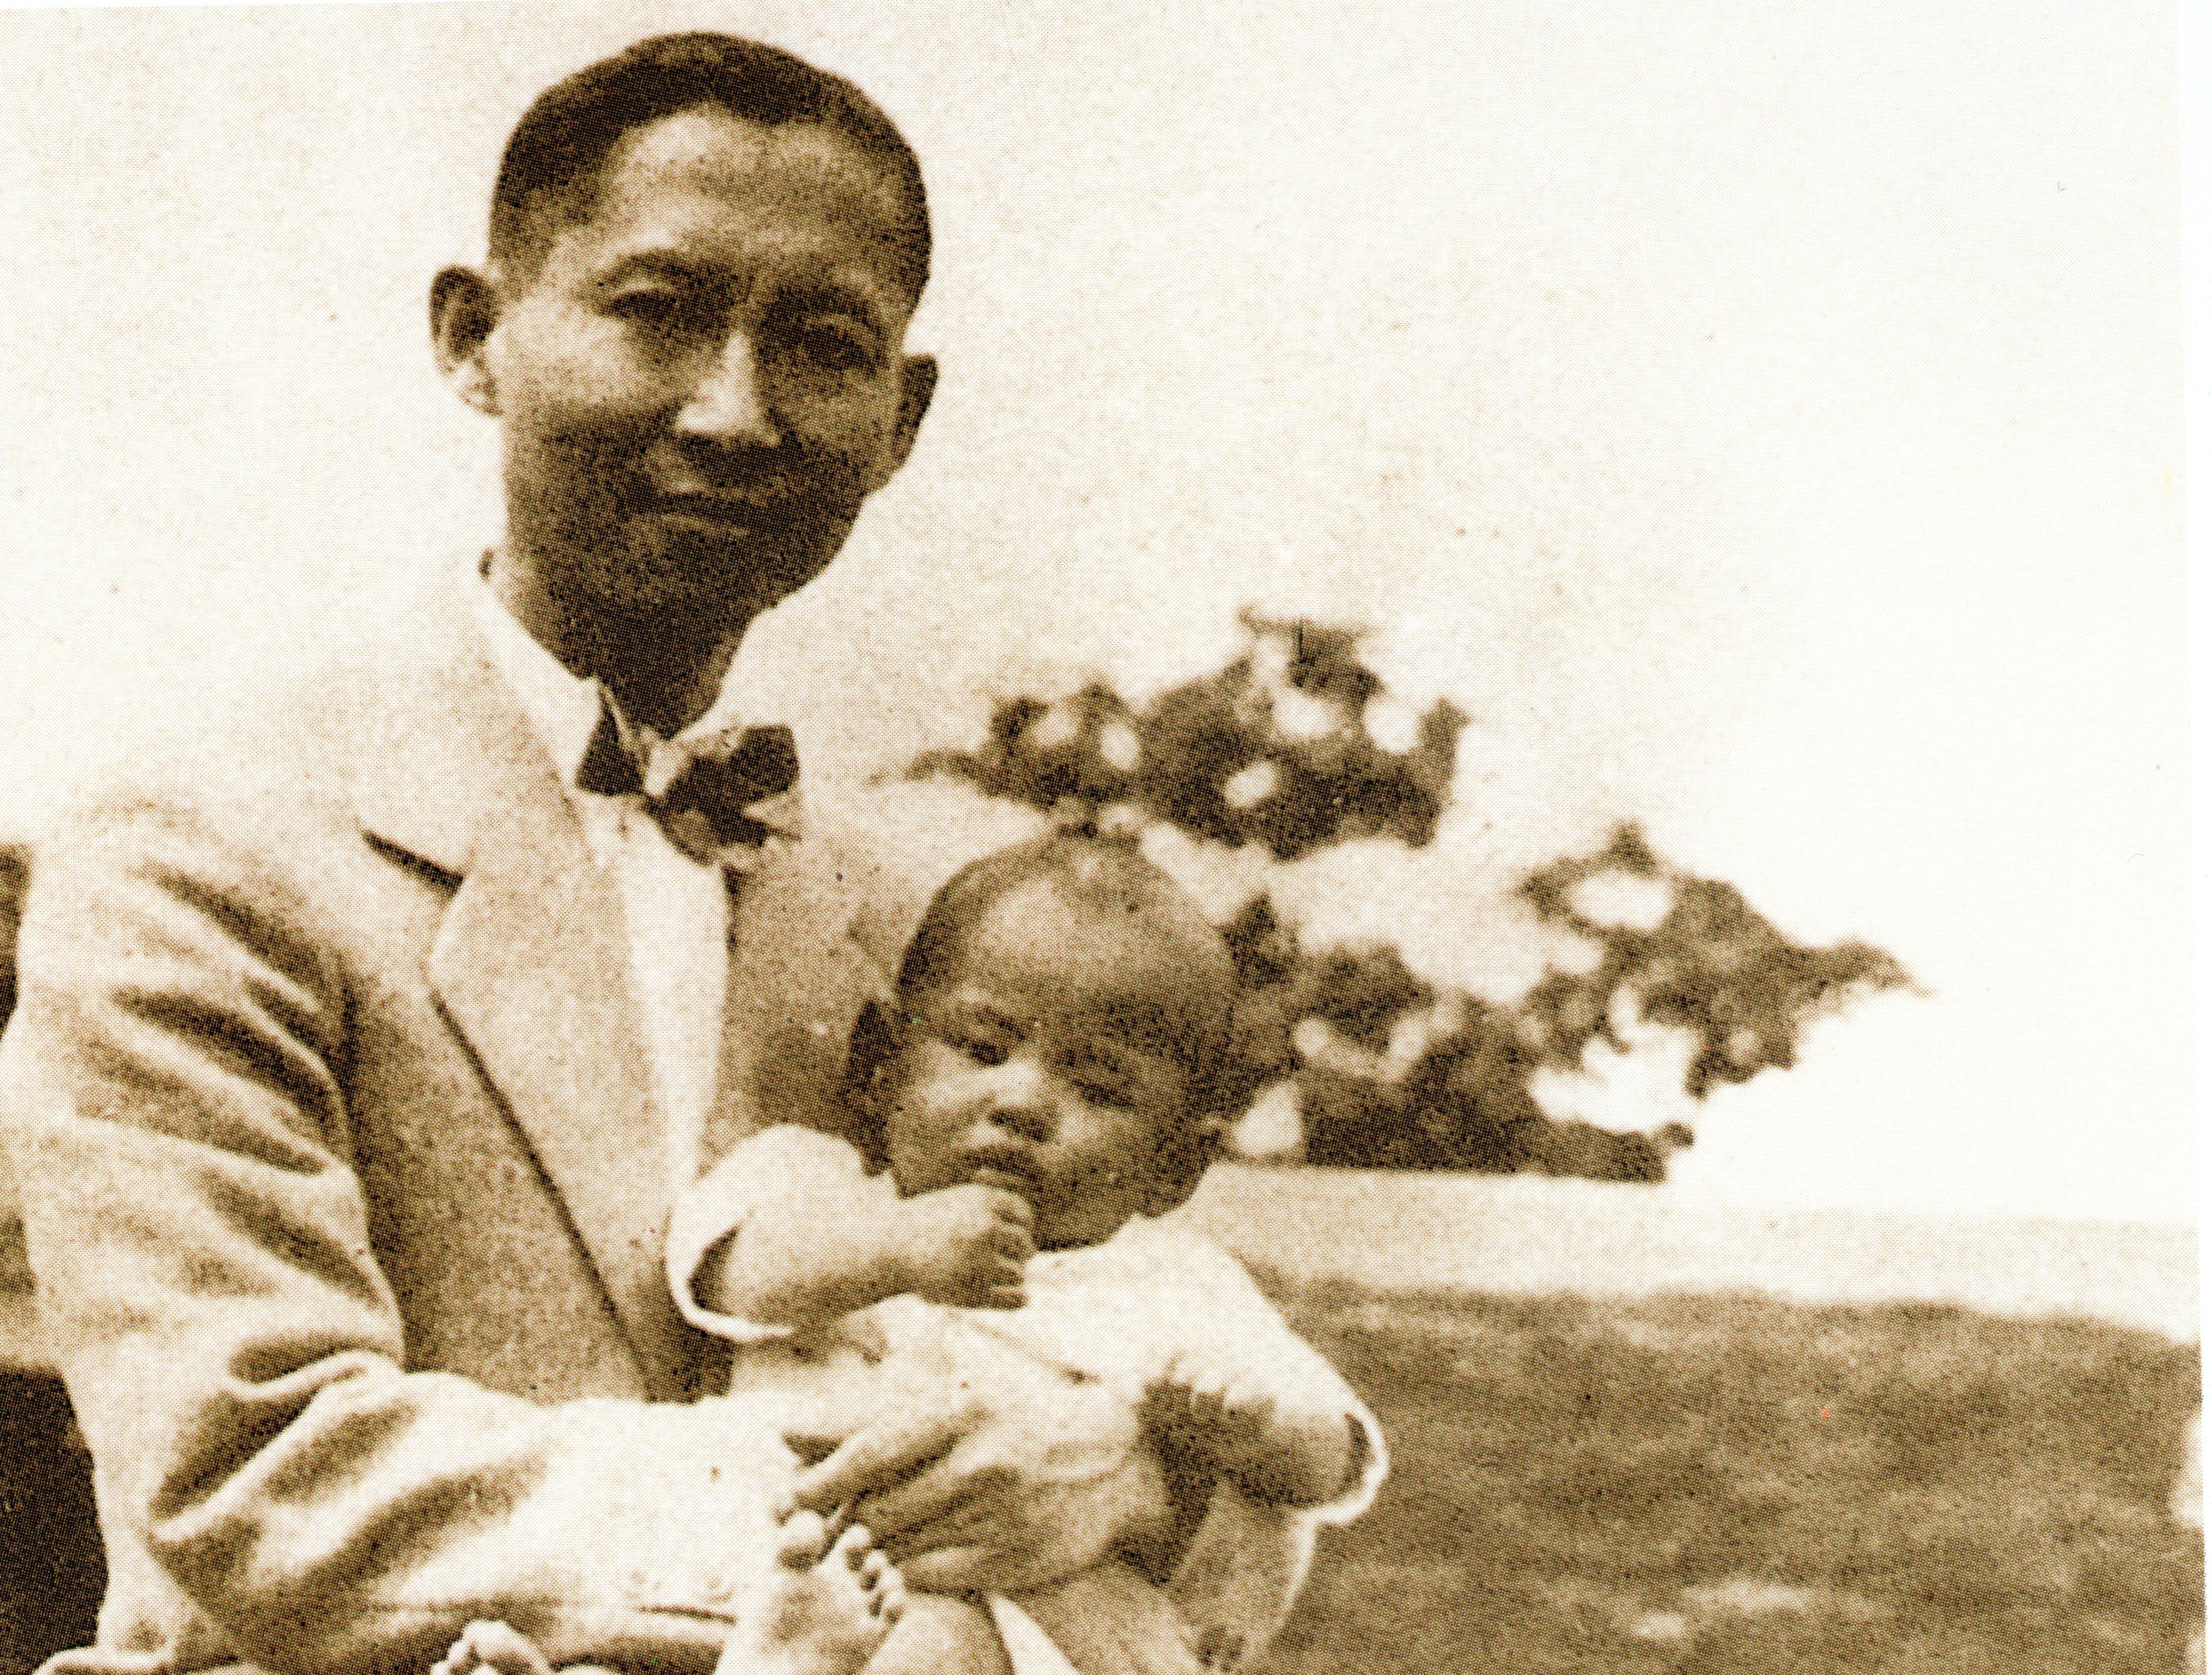 Prince Mahidol and Prince Bhumbol